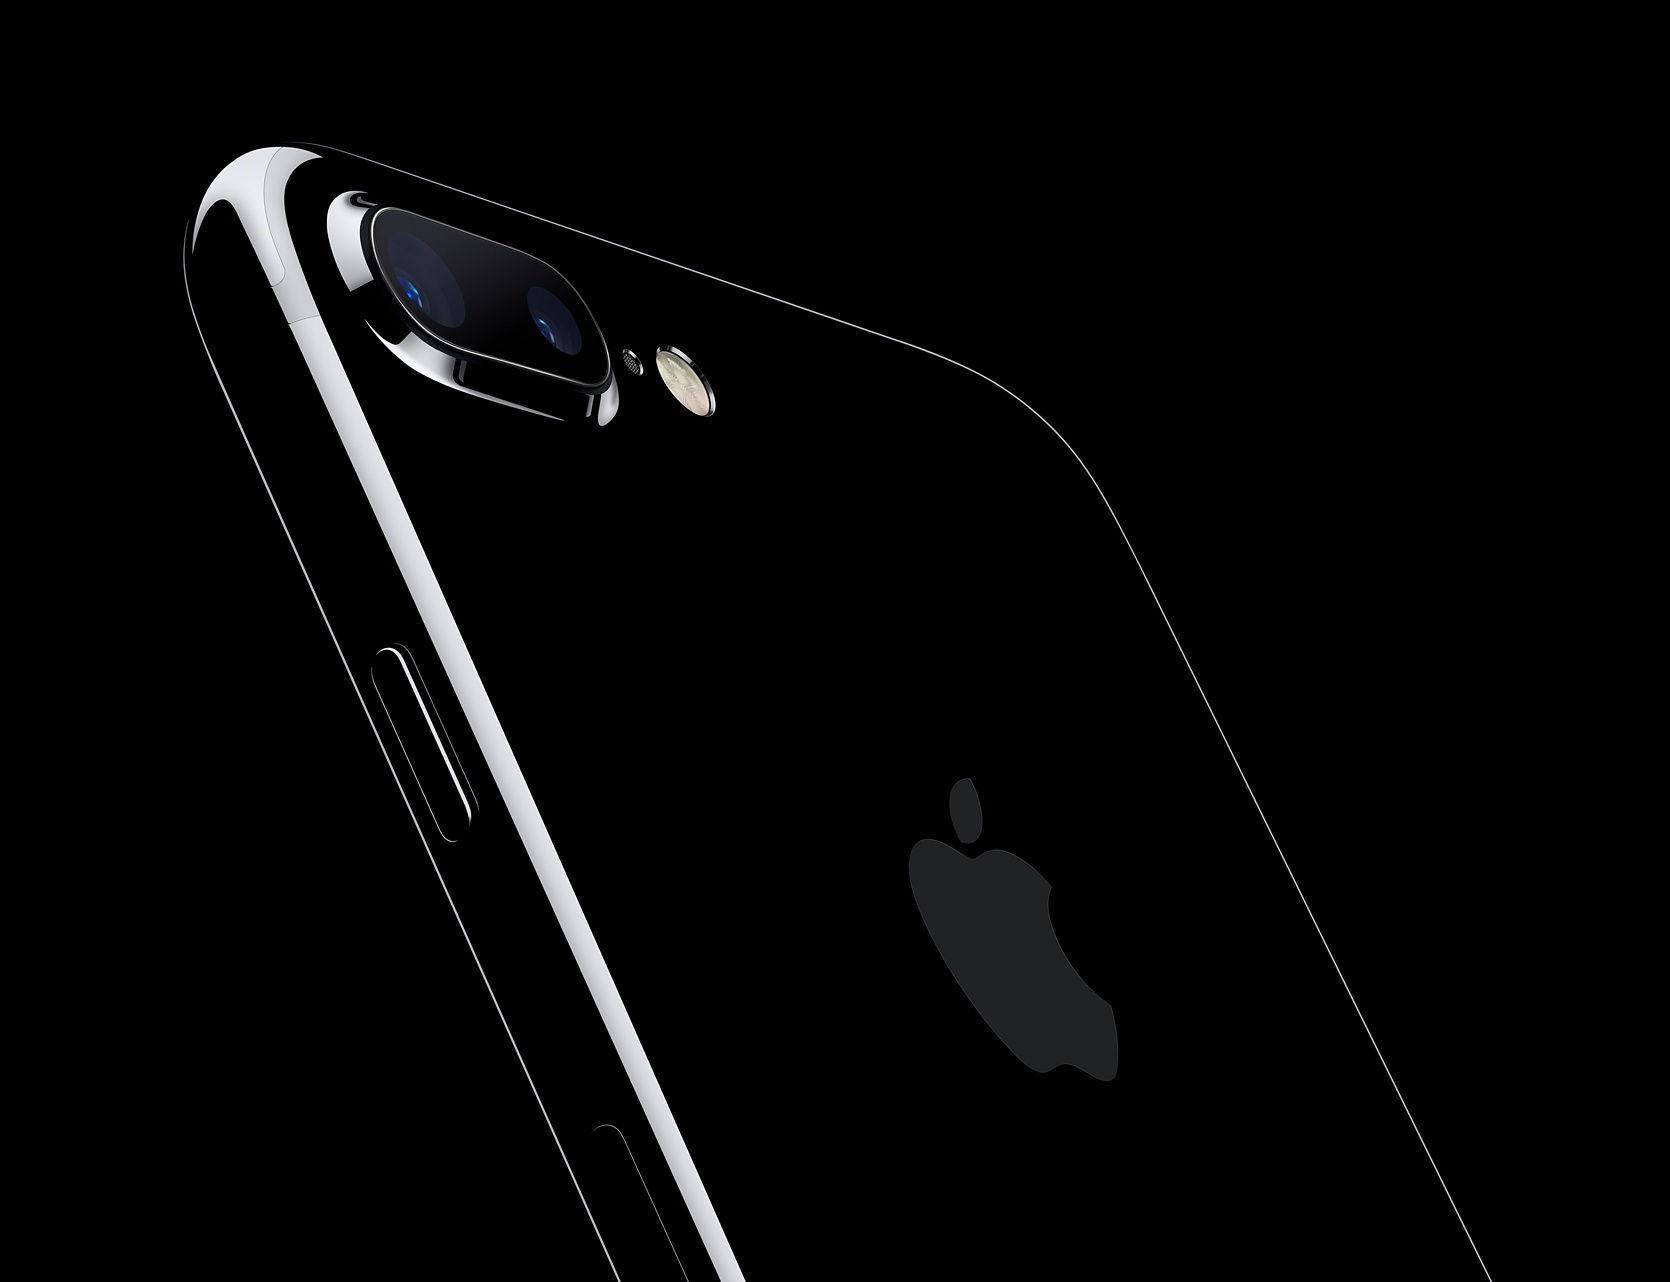 iPhone 7 yada iPhone 7 Plus'a Geçmeniz için 10 Neden